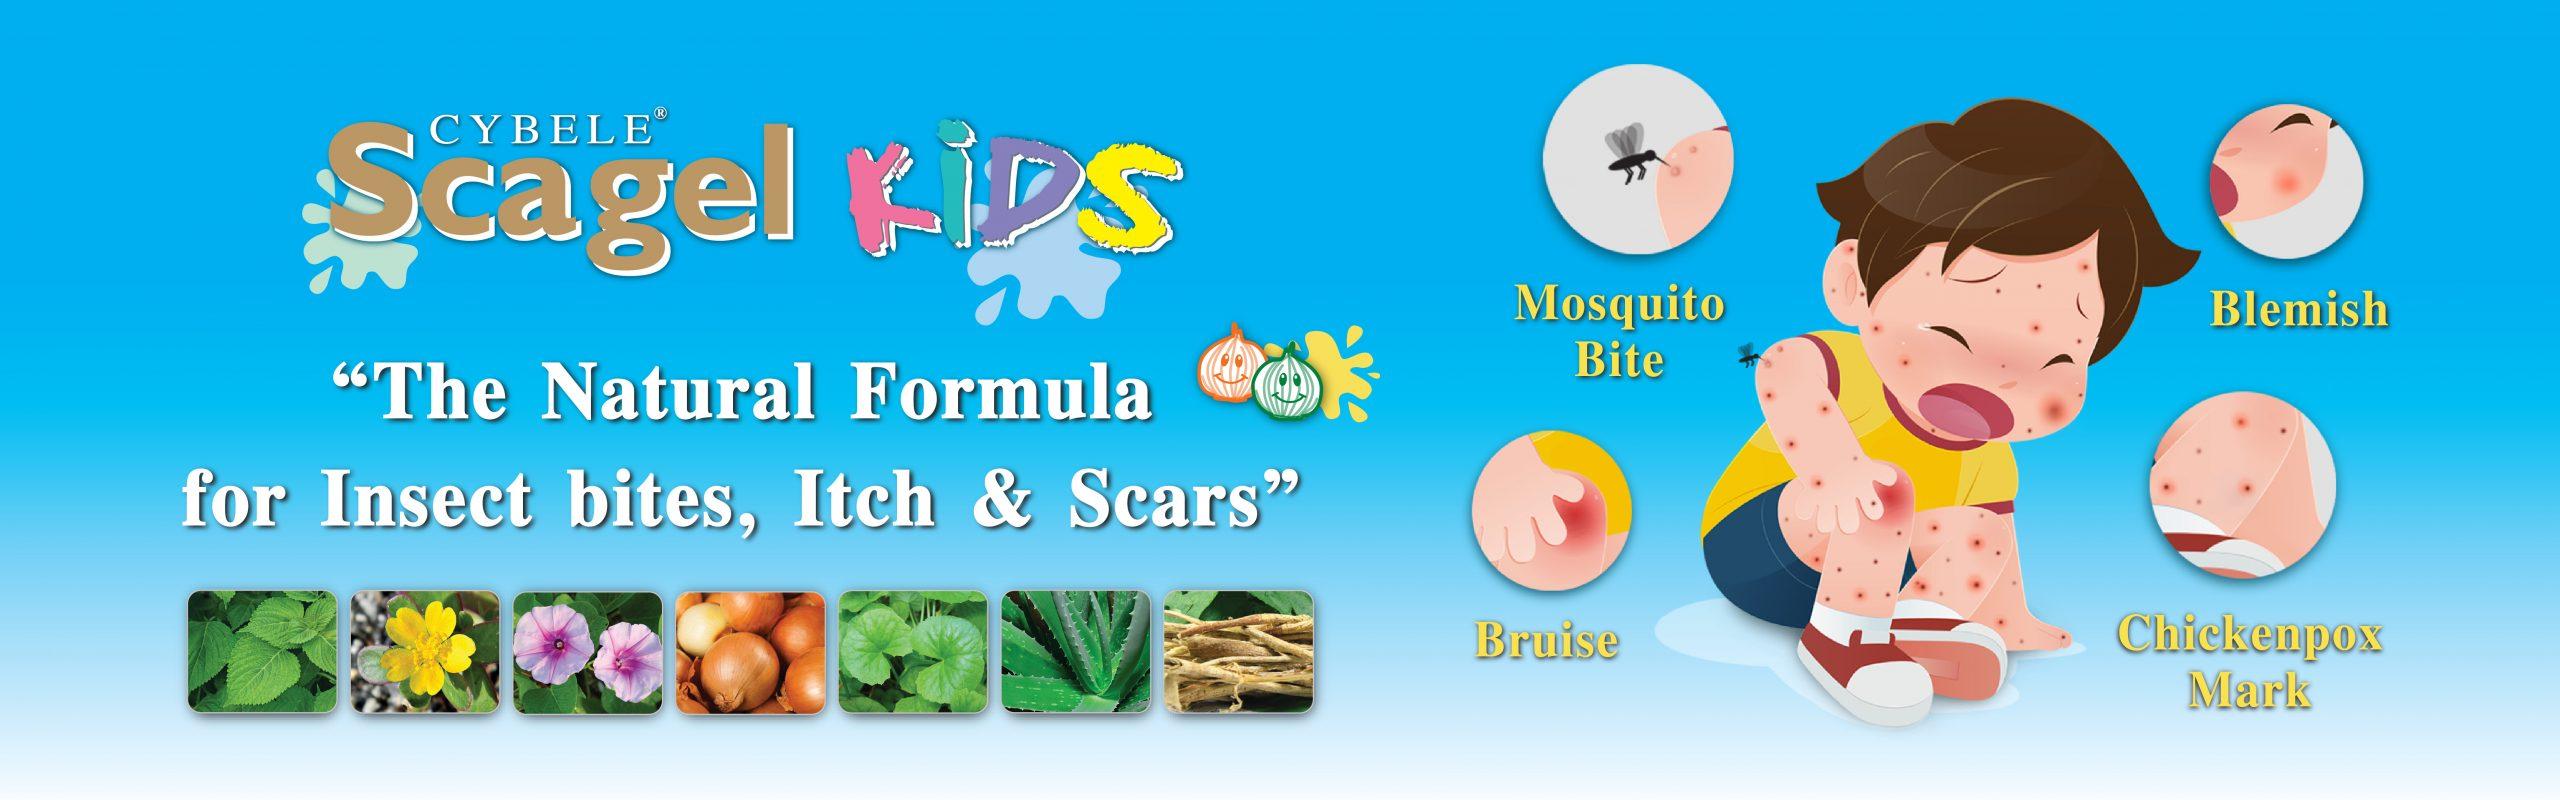 Banner Scagel Kids 1600x500px (Eng)